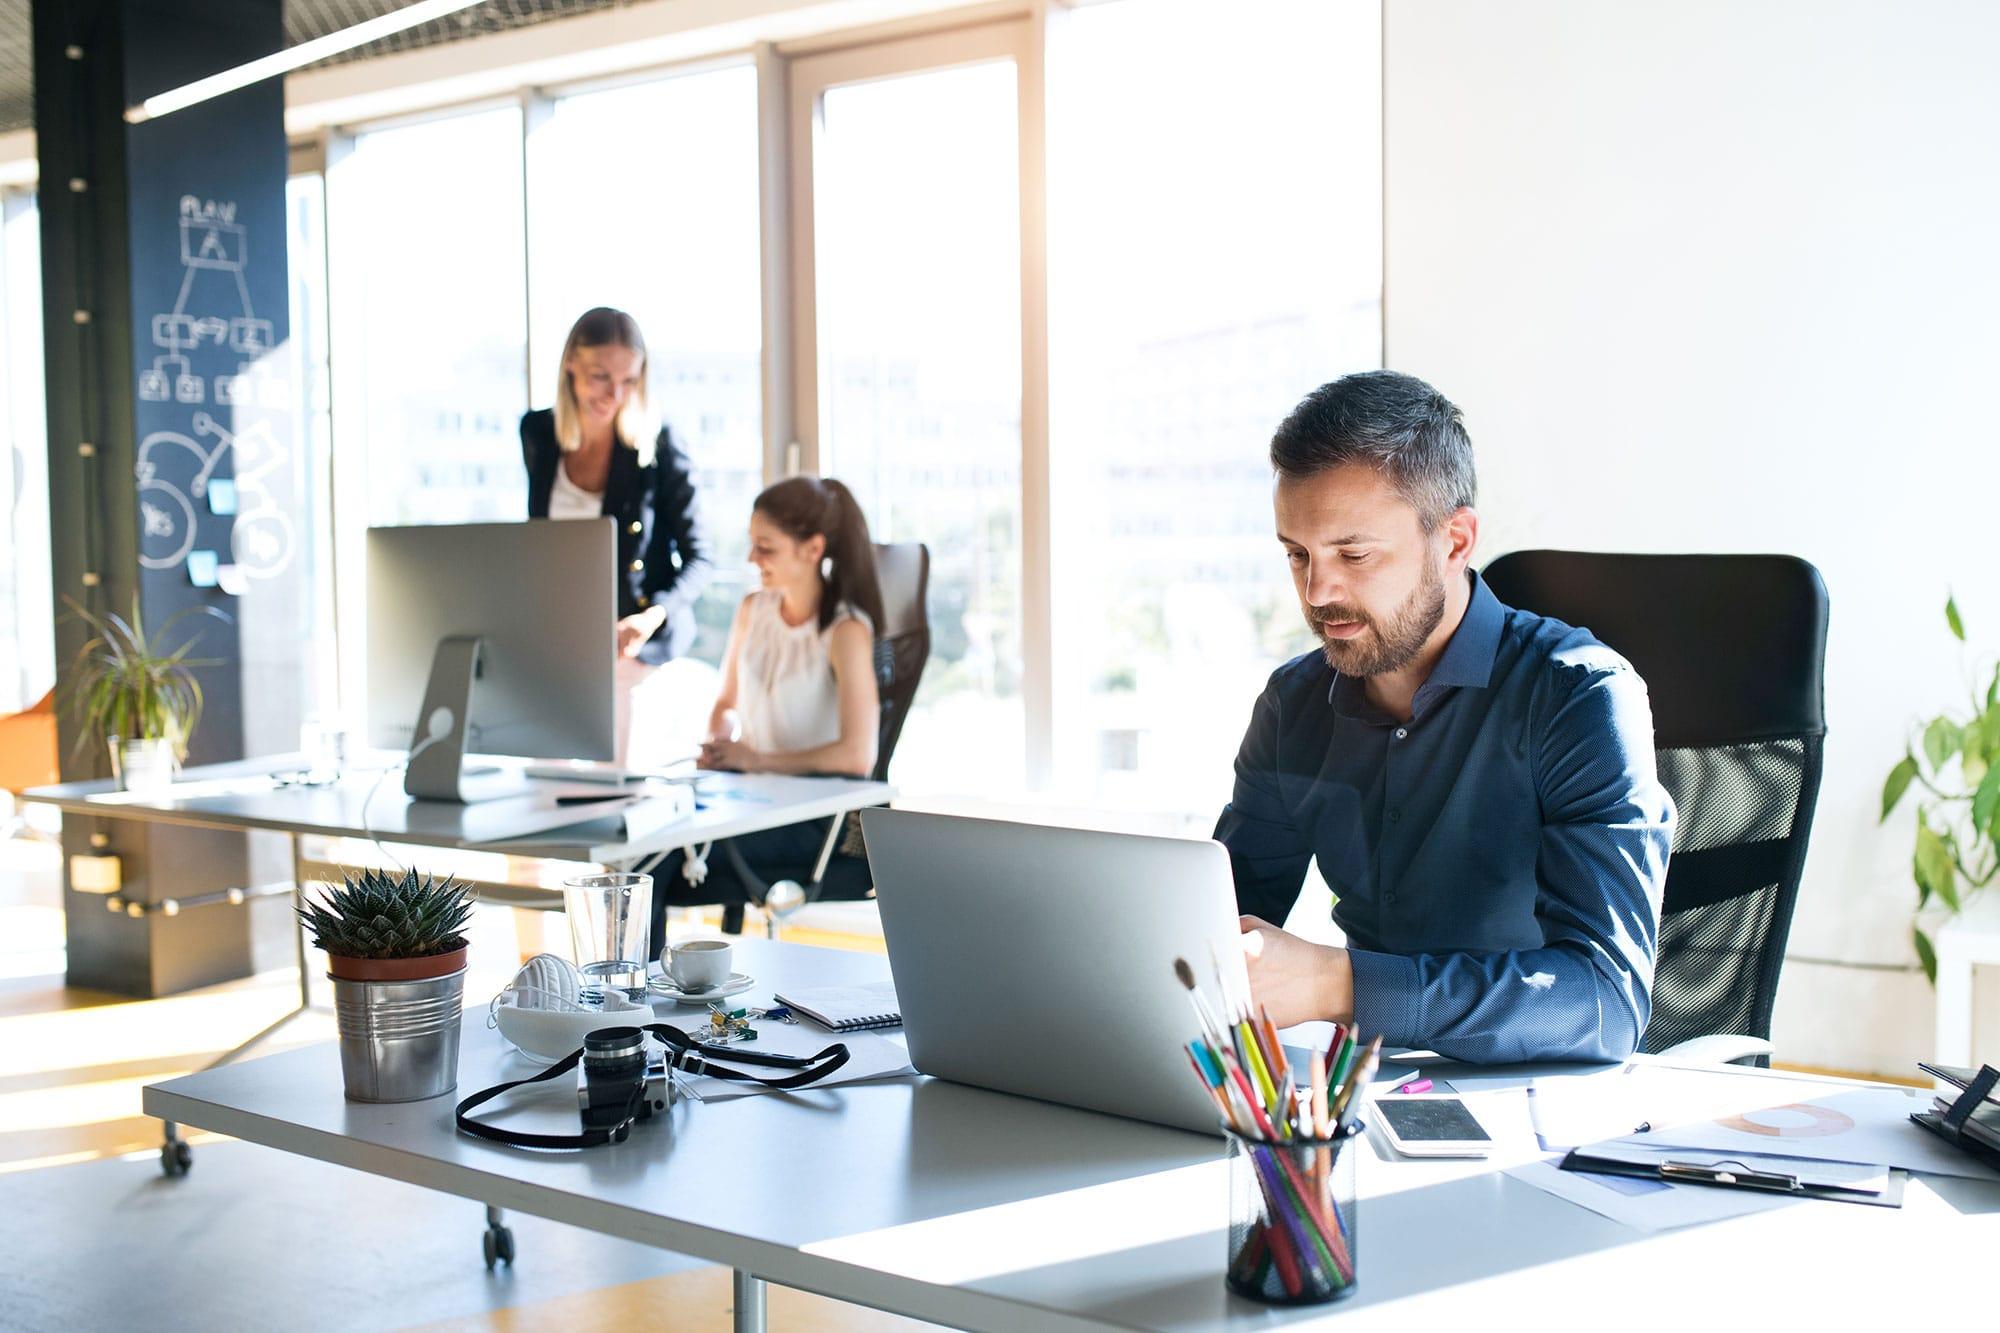 man-sat-at-desk-infront-of-laptop